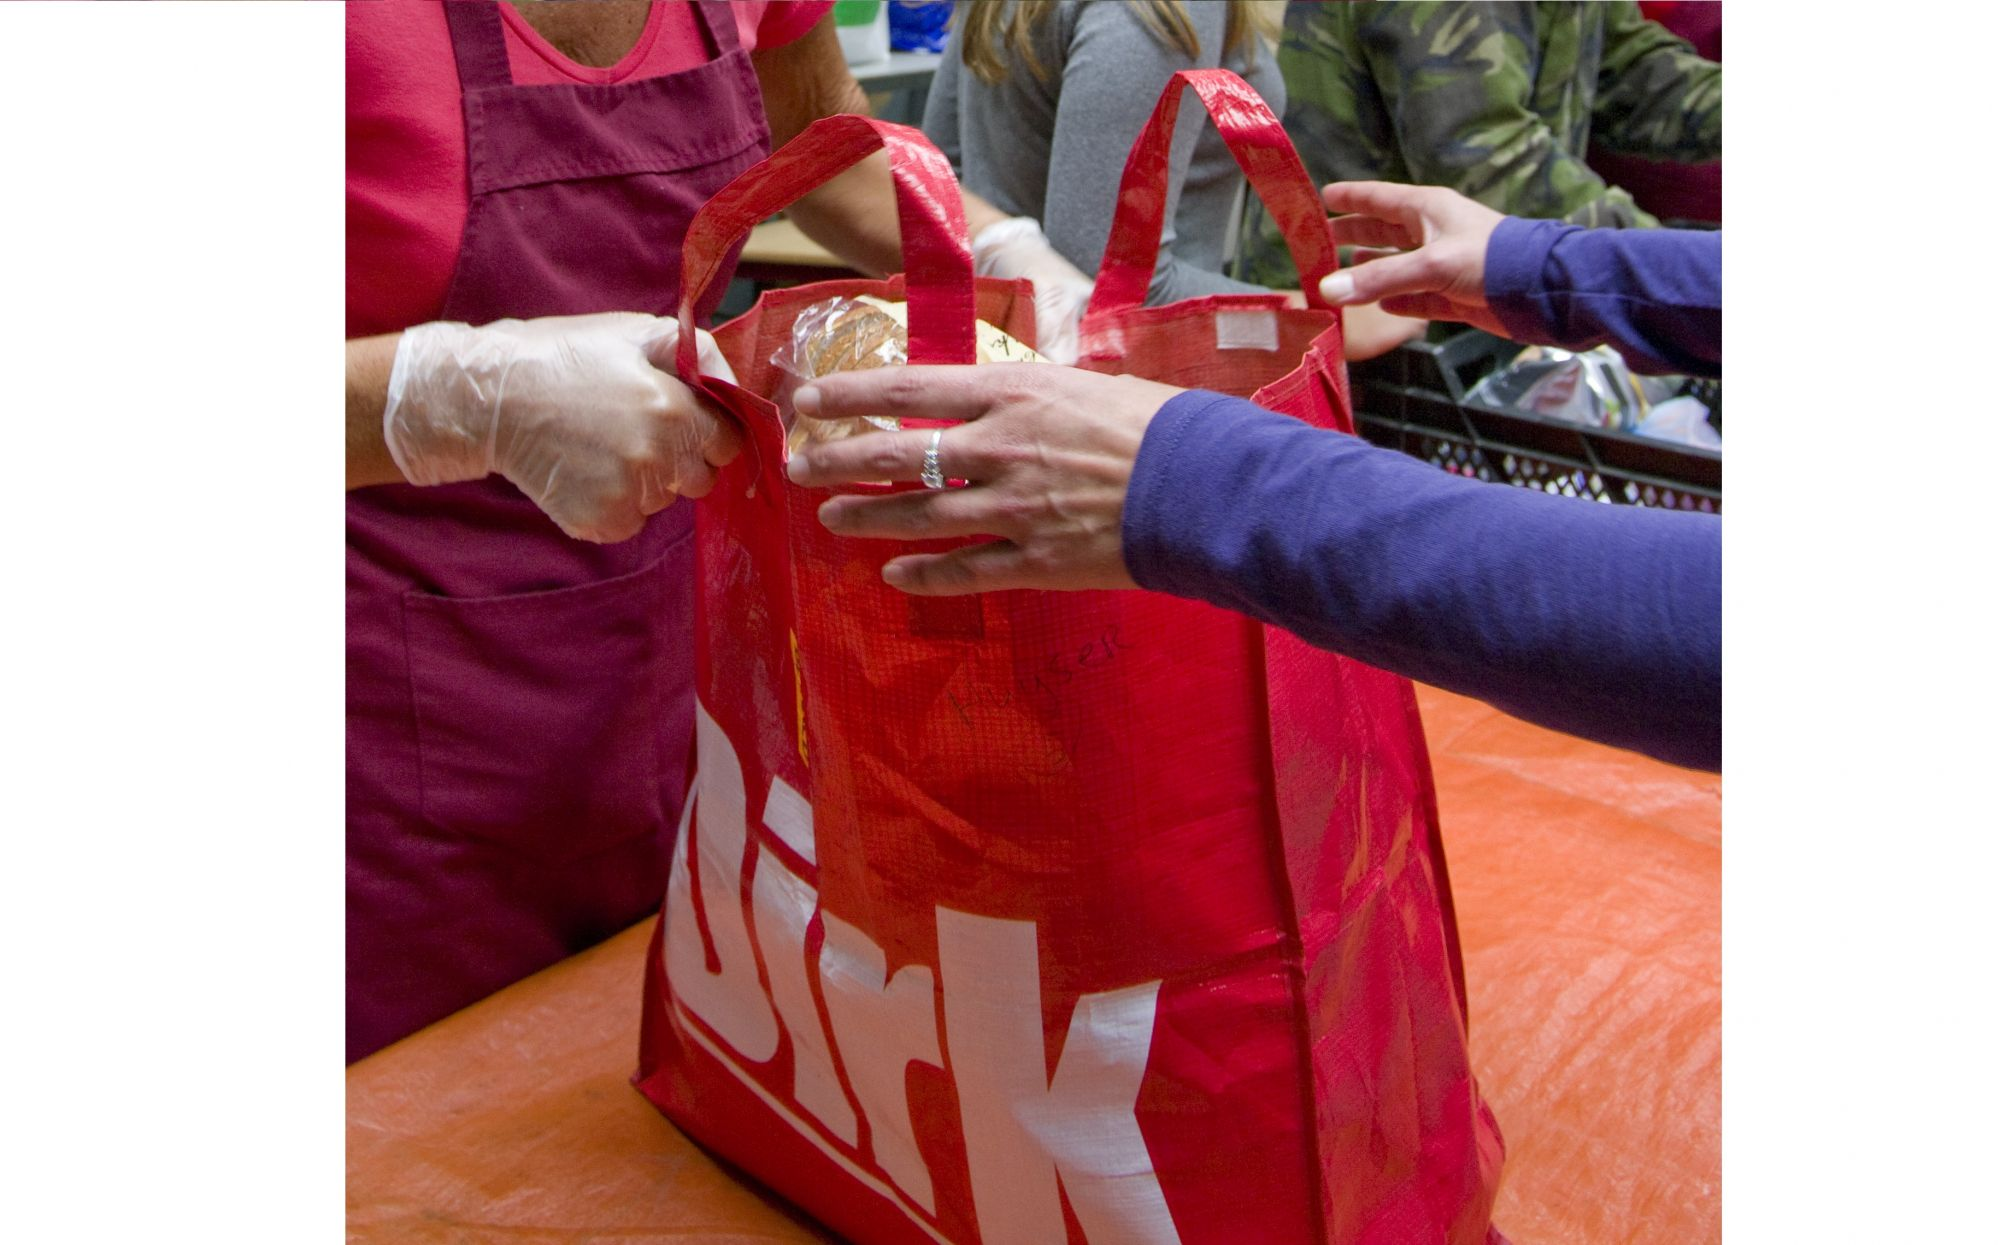 Vrijwilligerswerk tijdens coronacrisis: 'Het is altijd spannend voor ons'